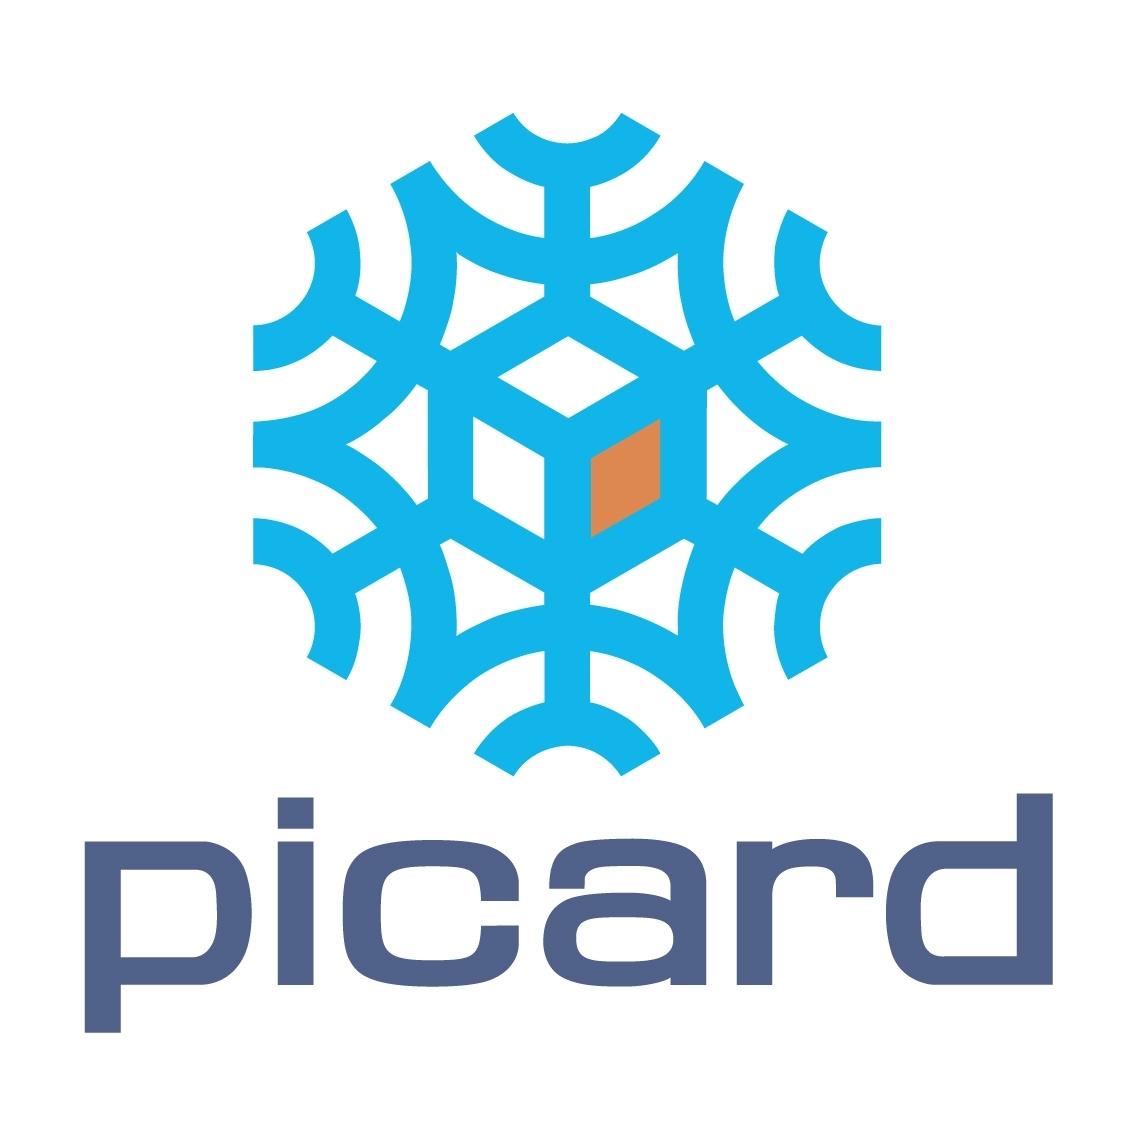 l u0026 39 offre d u0026 39 emploi du jour   vendeur en produits frais chez picard  u00e0 thiais